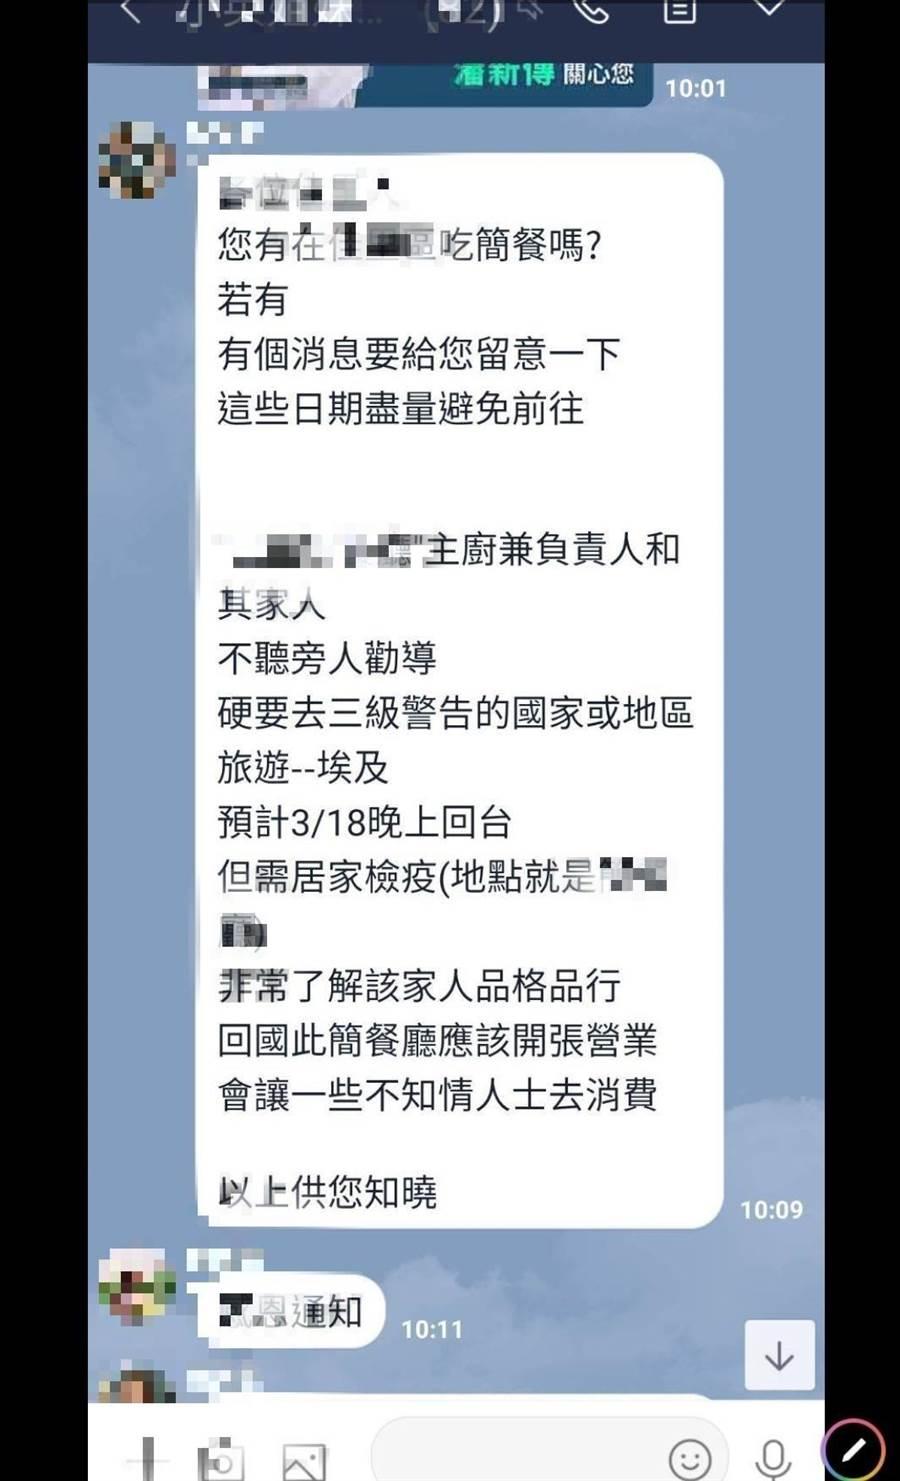 網友散布不實訊息,指台南某餐飲店負責人全家出國,返台後還開店,要民眾避免前往消費,查證後為假訊息,店家提告,警方也依法追查。(翻攝照片/莊曜聰台南傳真)